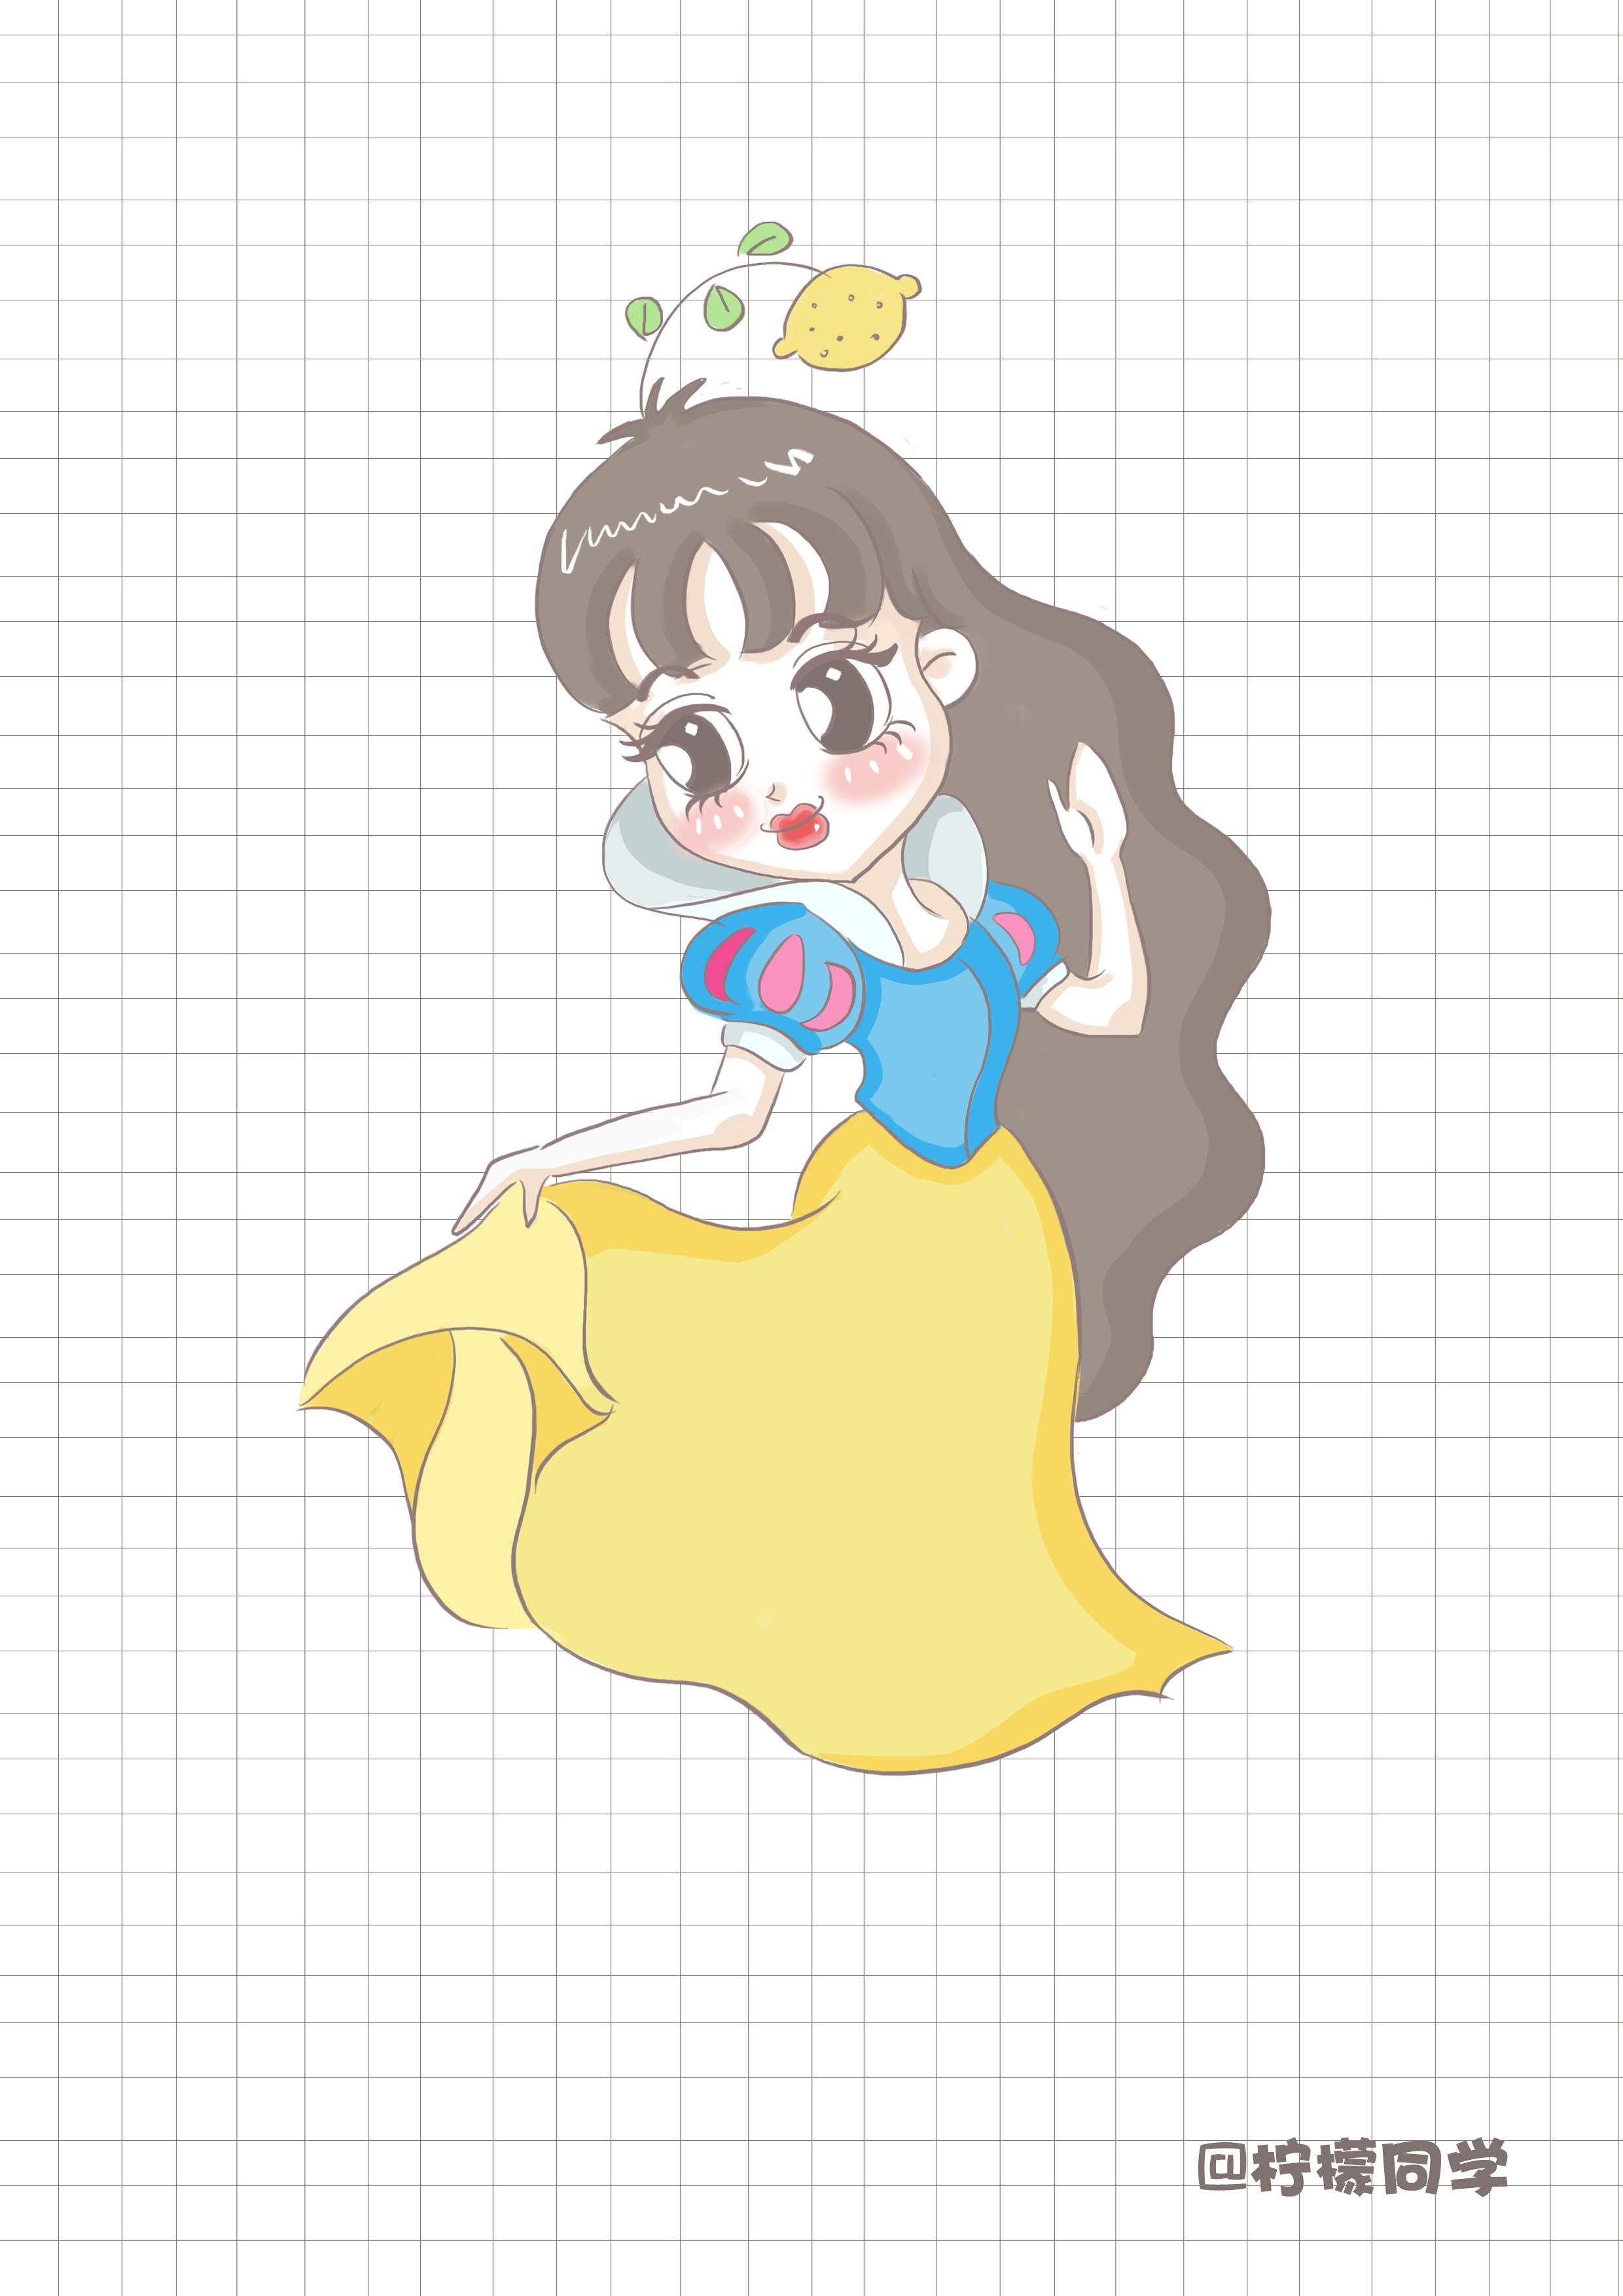 可爱卡通公主形象